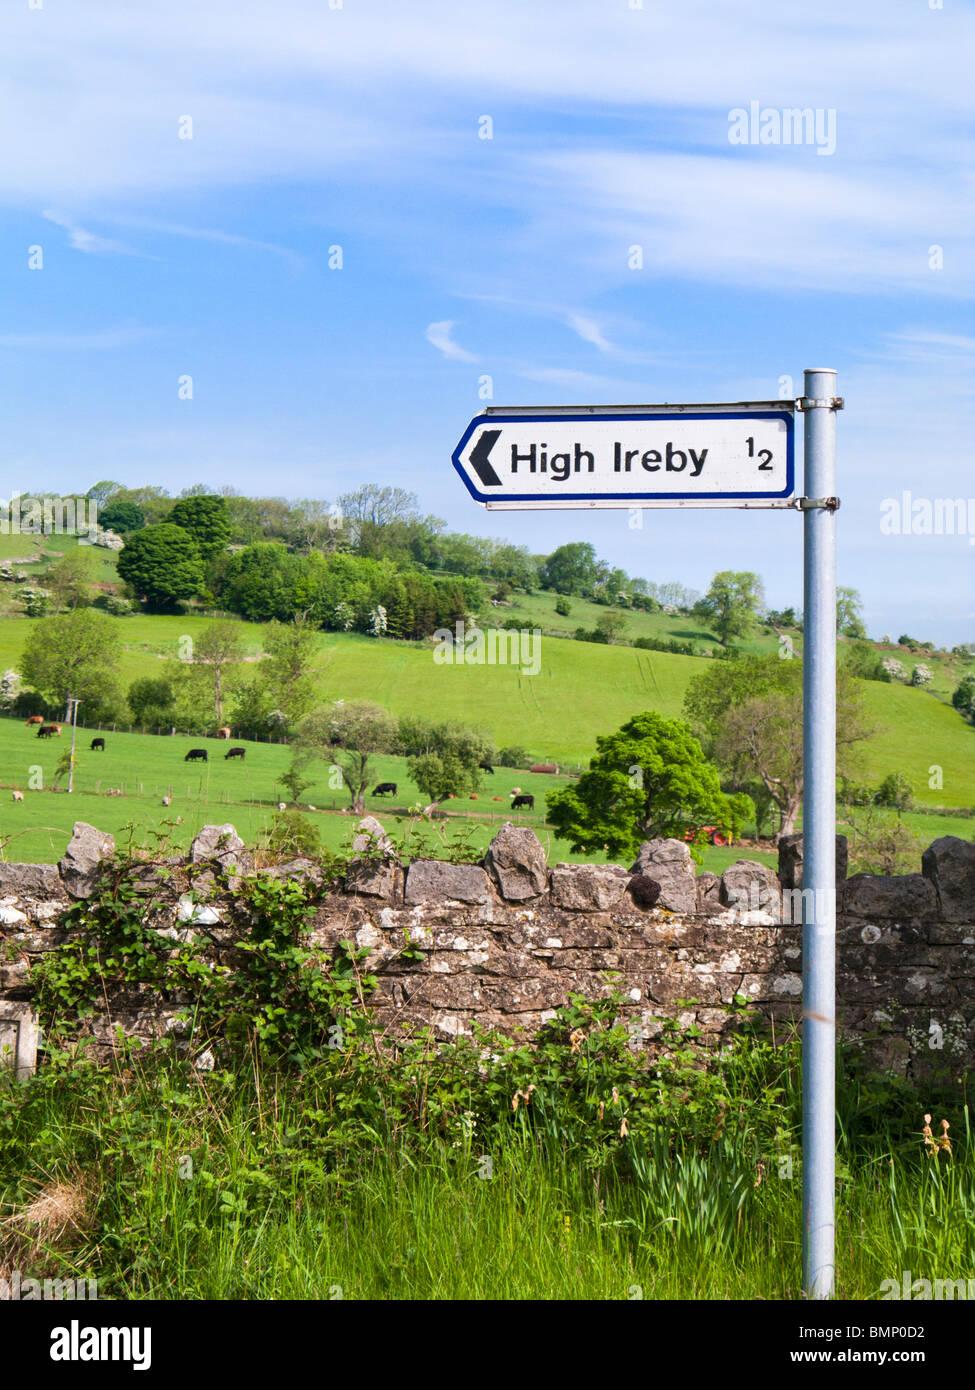 Cartello stradale, al villaggio locale di alta Ireby, nel distretto del lago campagna, REGNO UNITO Immagini Stock